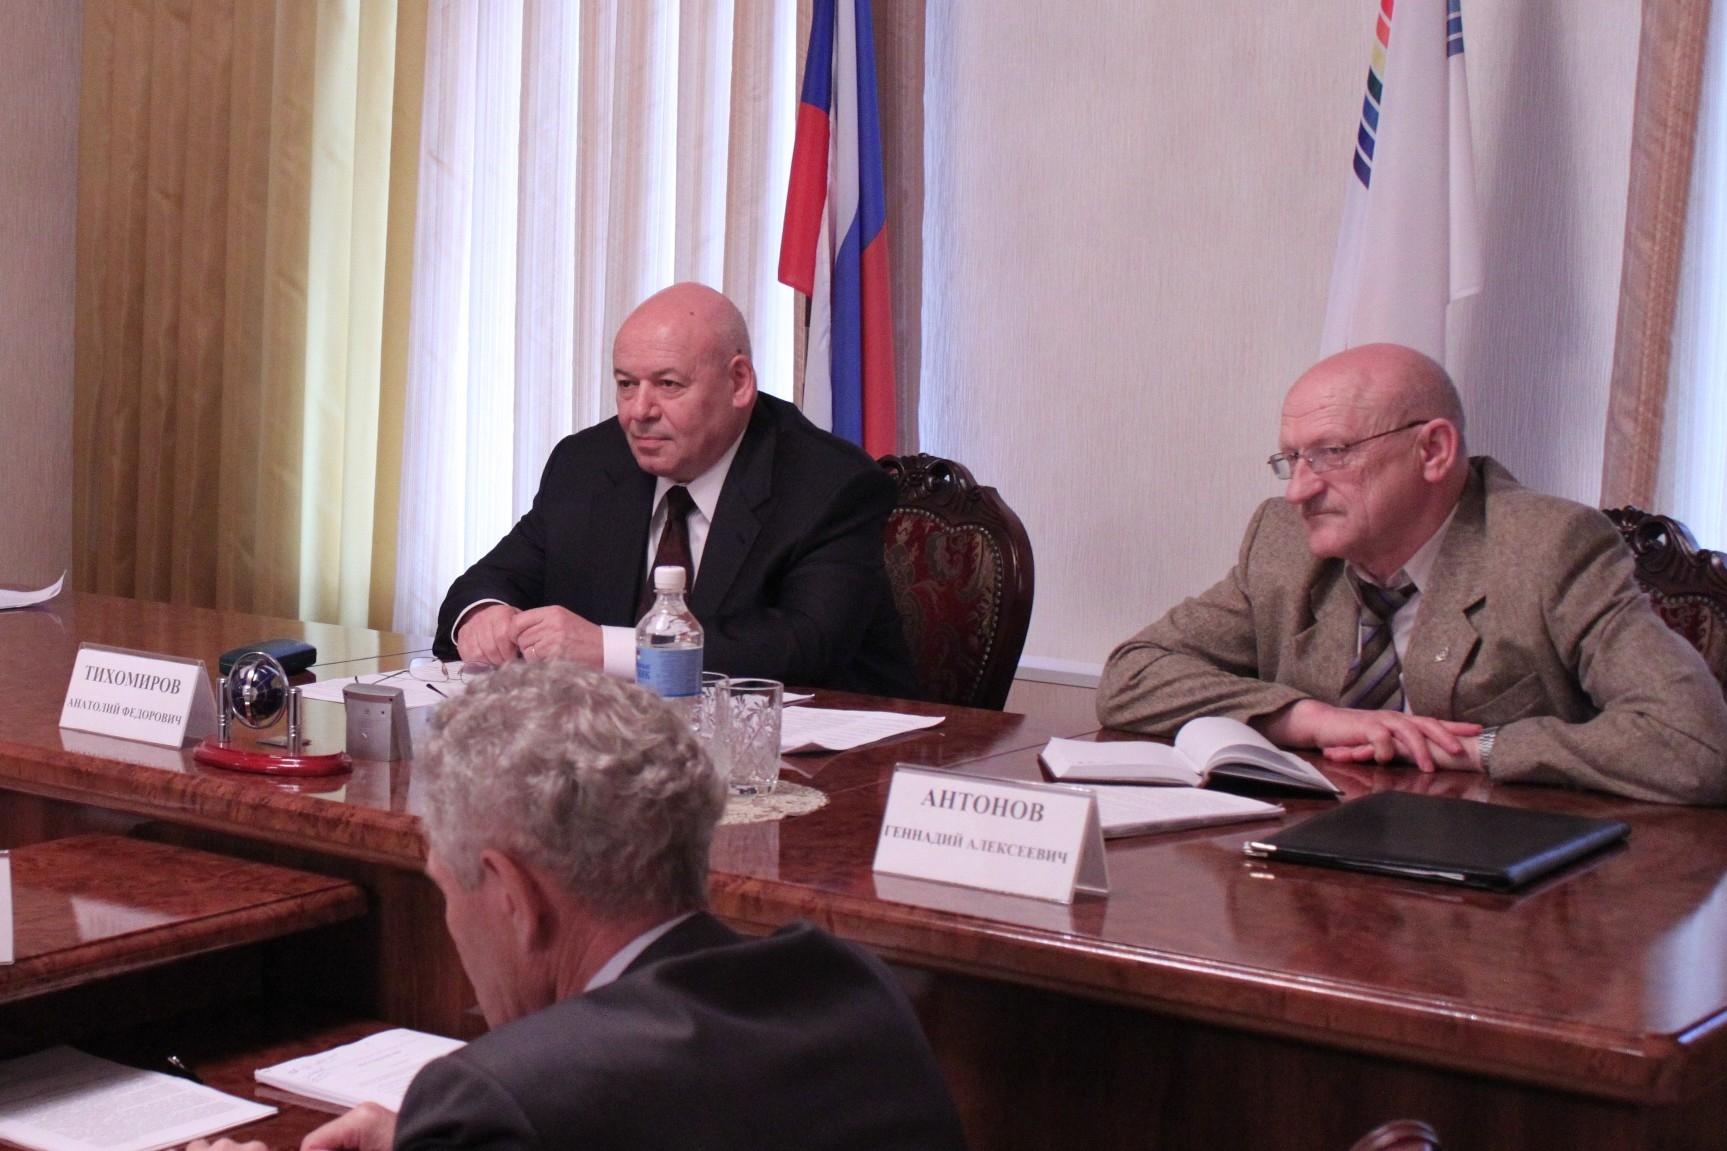 А. Тихомиров: Люди ждут не обещаний, а дела